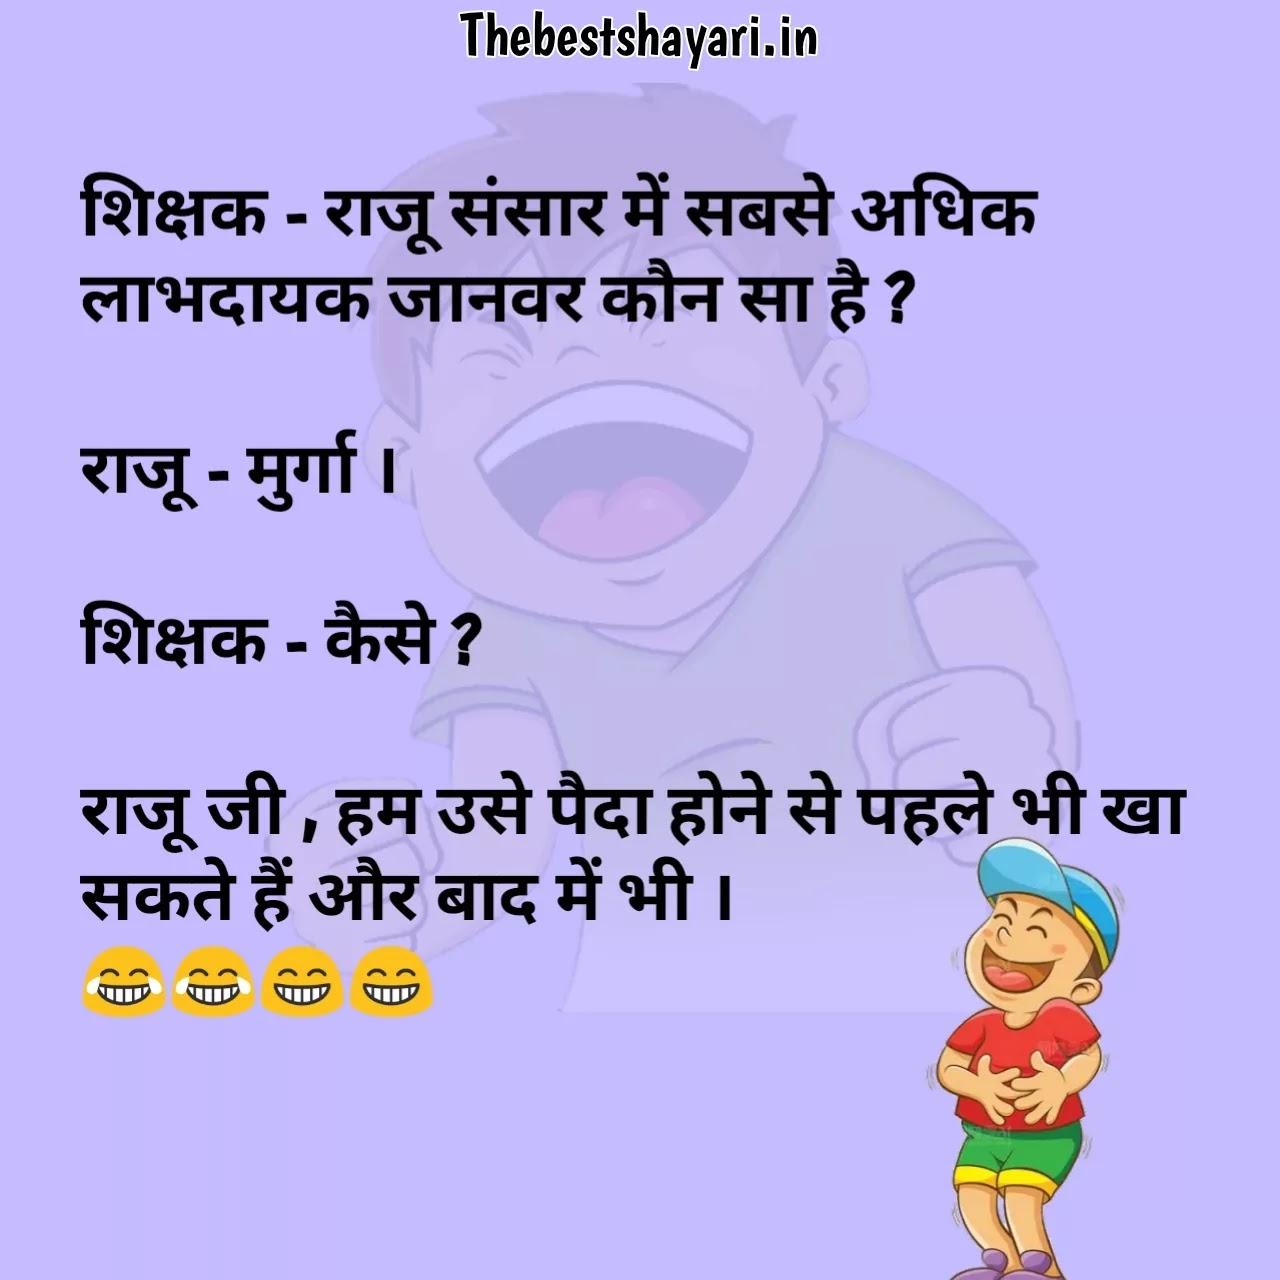 silly Hindi jokes